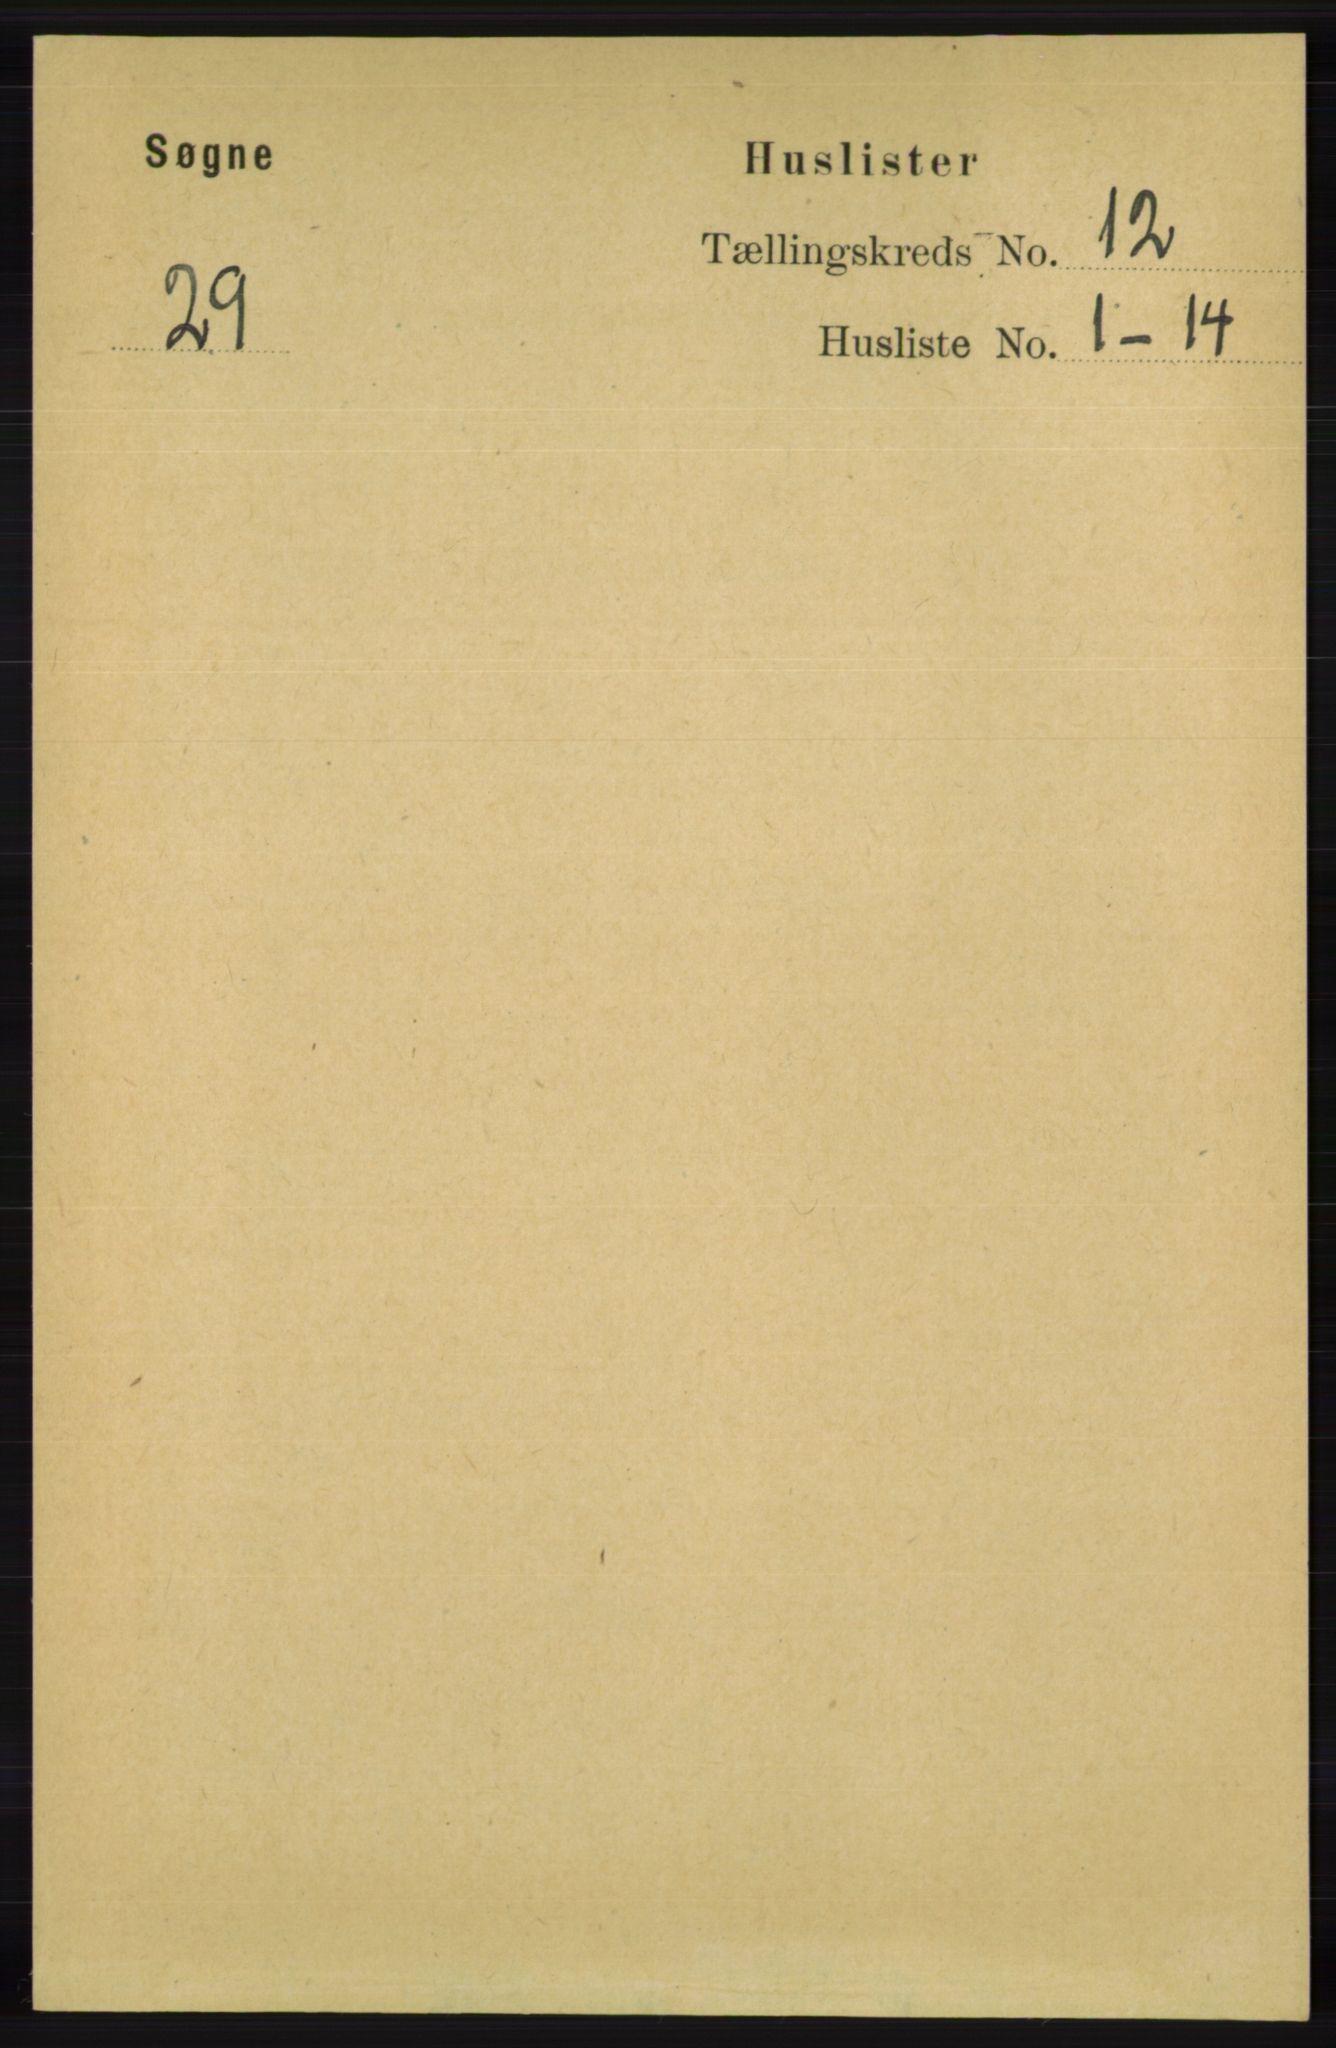 RA, Folketelling 1891 for 1018 Søgne herred, 1891, s. 3103